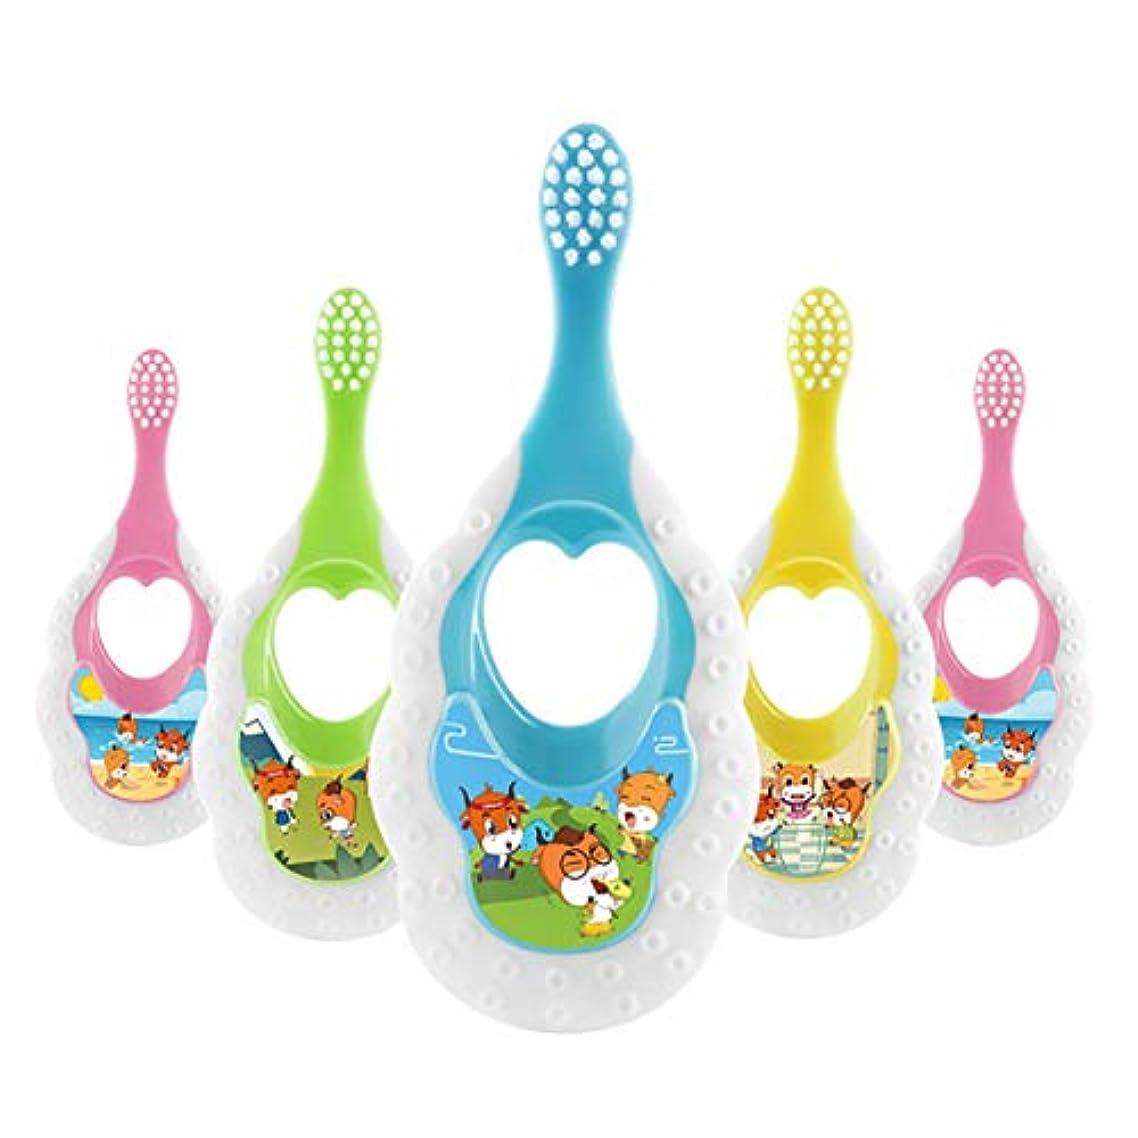 妖精凝縮するマチュピチュIntercoreyかわいいデザイン子供柔らかい髪歯ブラシ漫画パターン歯ブラシヘッド歯ブラシ用子供1-3歳